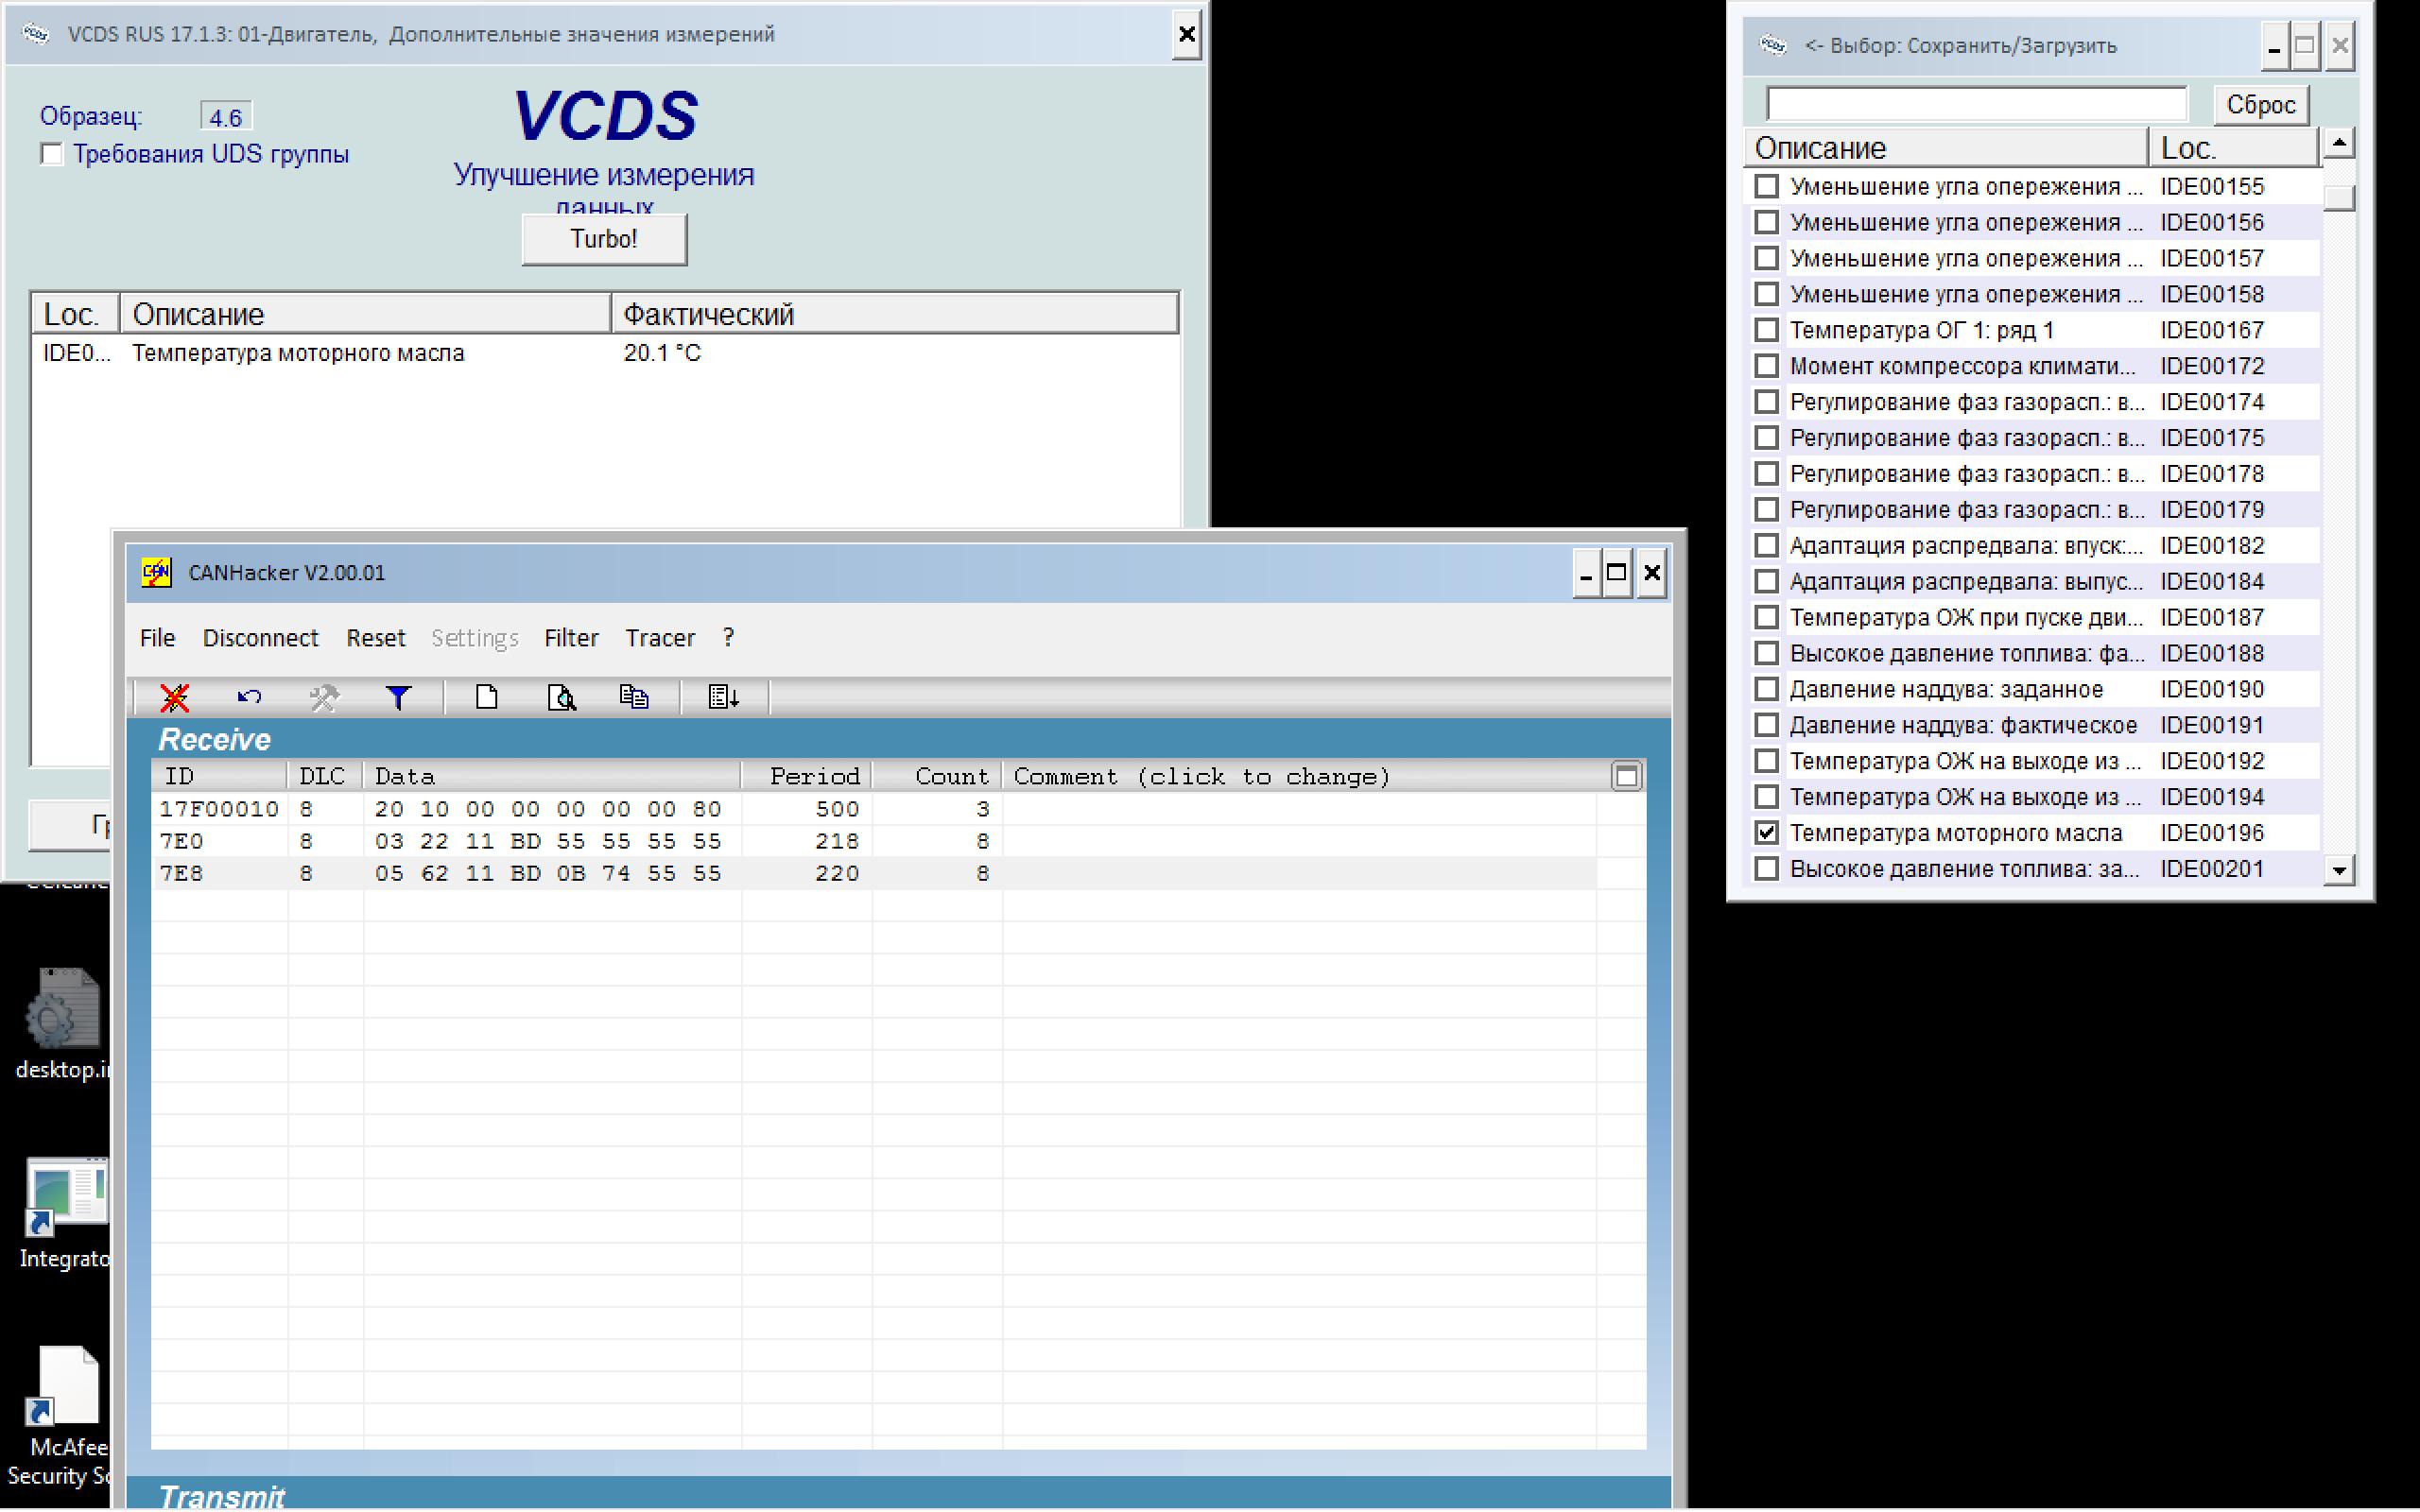 Диагностические данные от двигателя по протоколу UDS (Skoda Octavia A7)